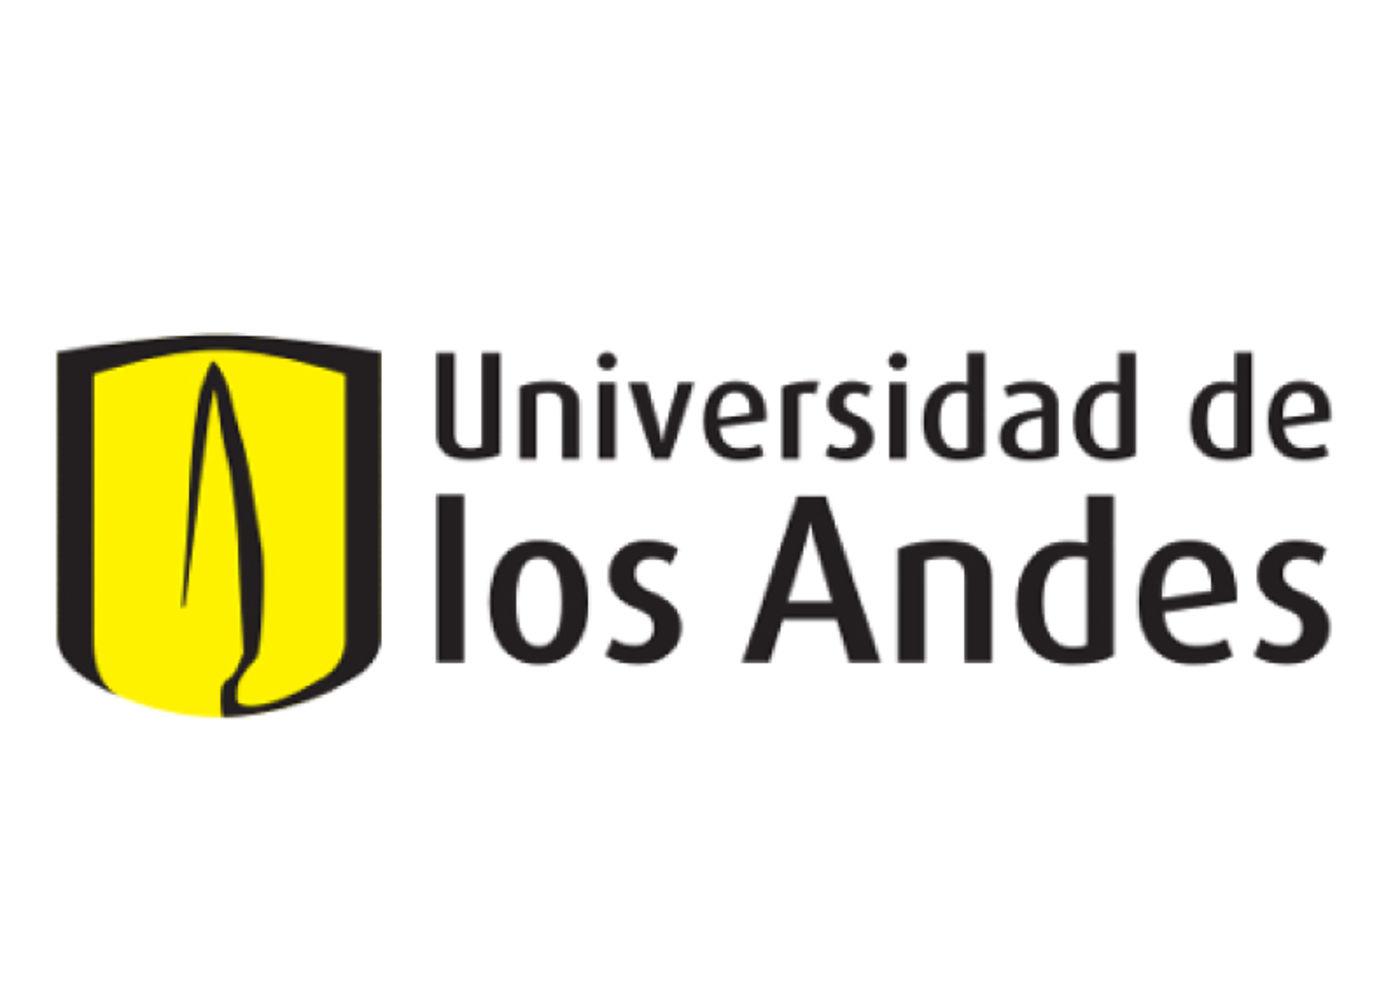 ¡YA SOMOS PROVEEDORES DE SERVICIOS TRAINING DE UNIANDES, la universidad más prestigiosa del país! Y comenzamos con pie derecho: JUEGO AD HOC para 2.600 empleados, 5 países